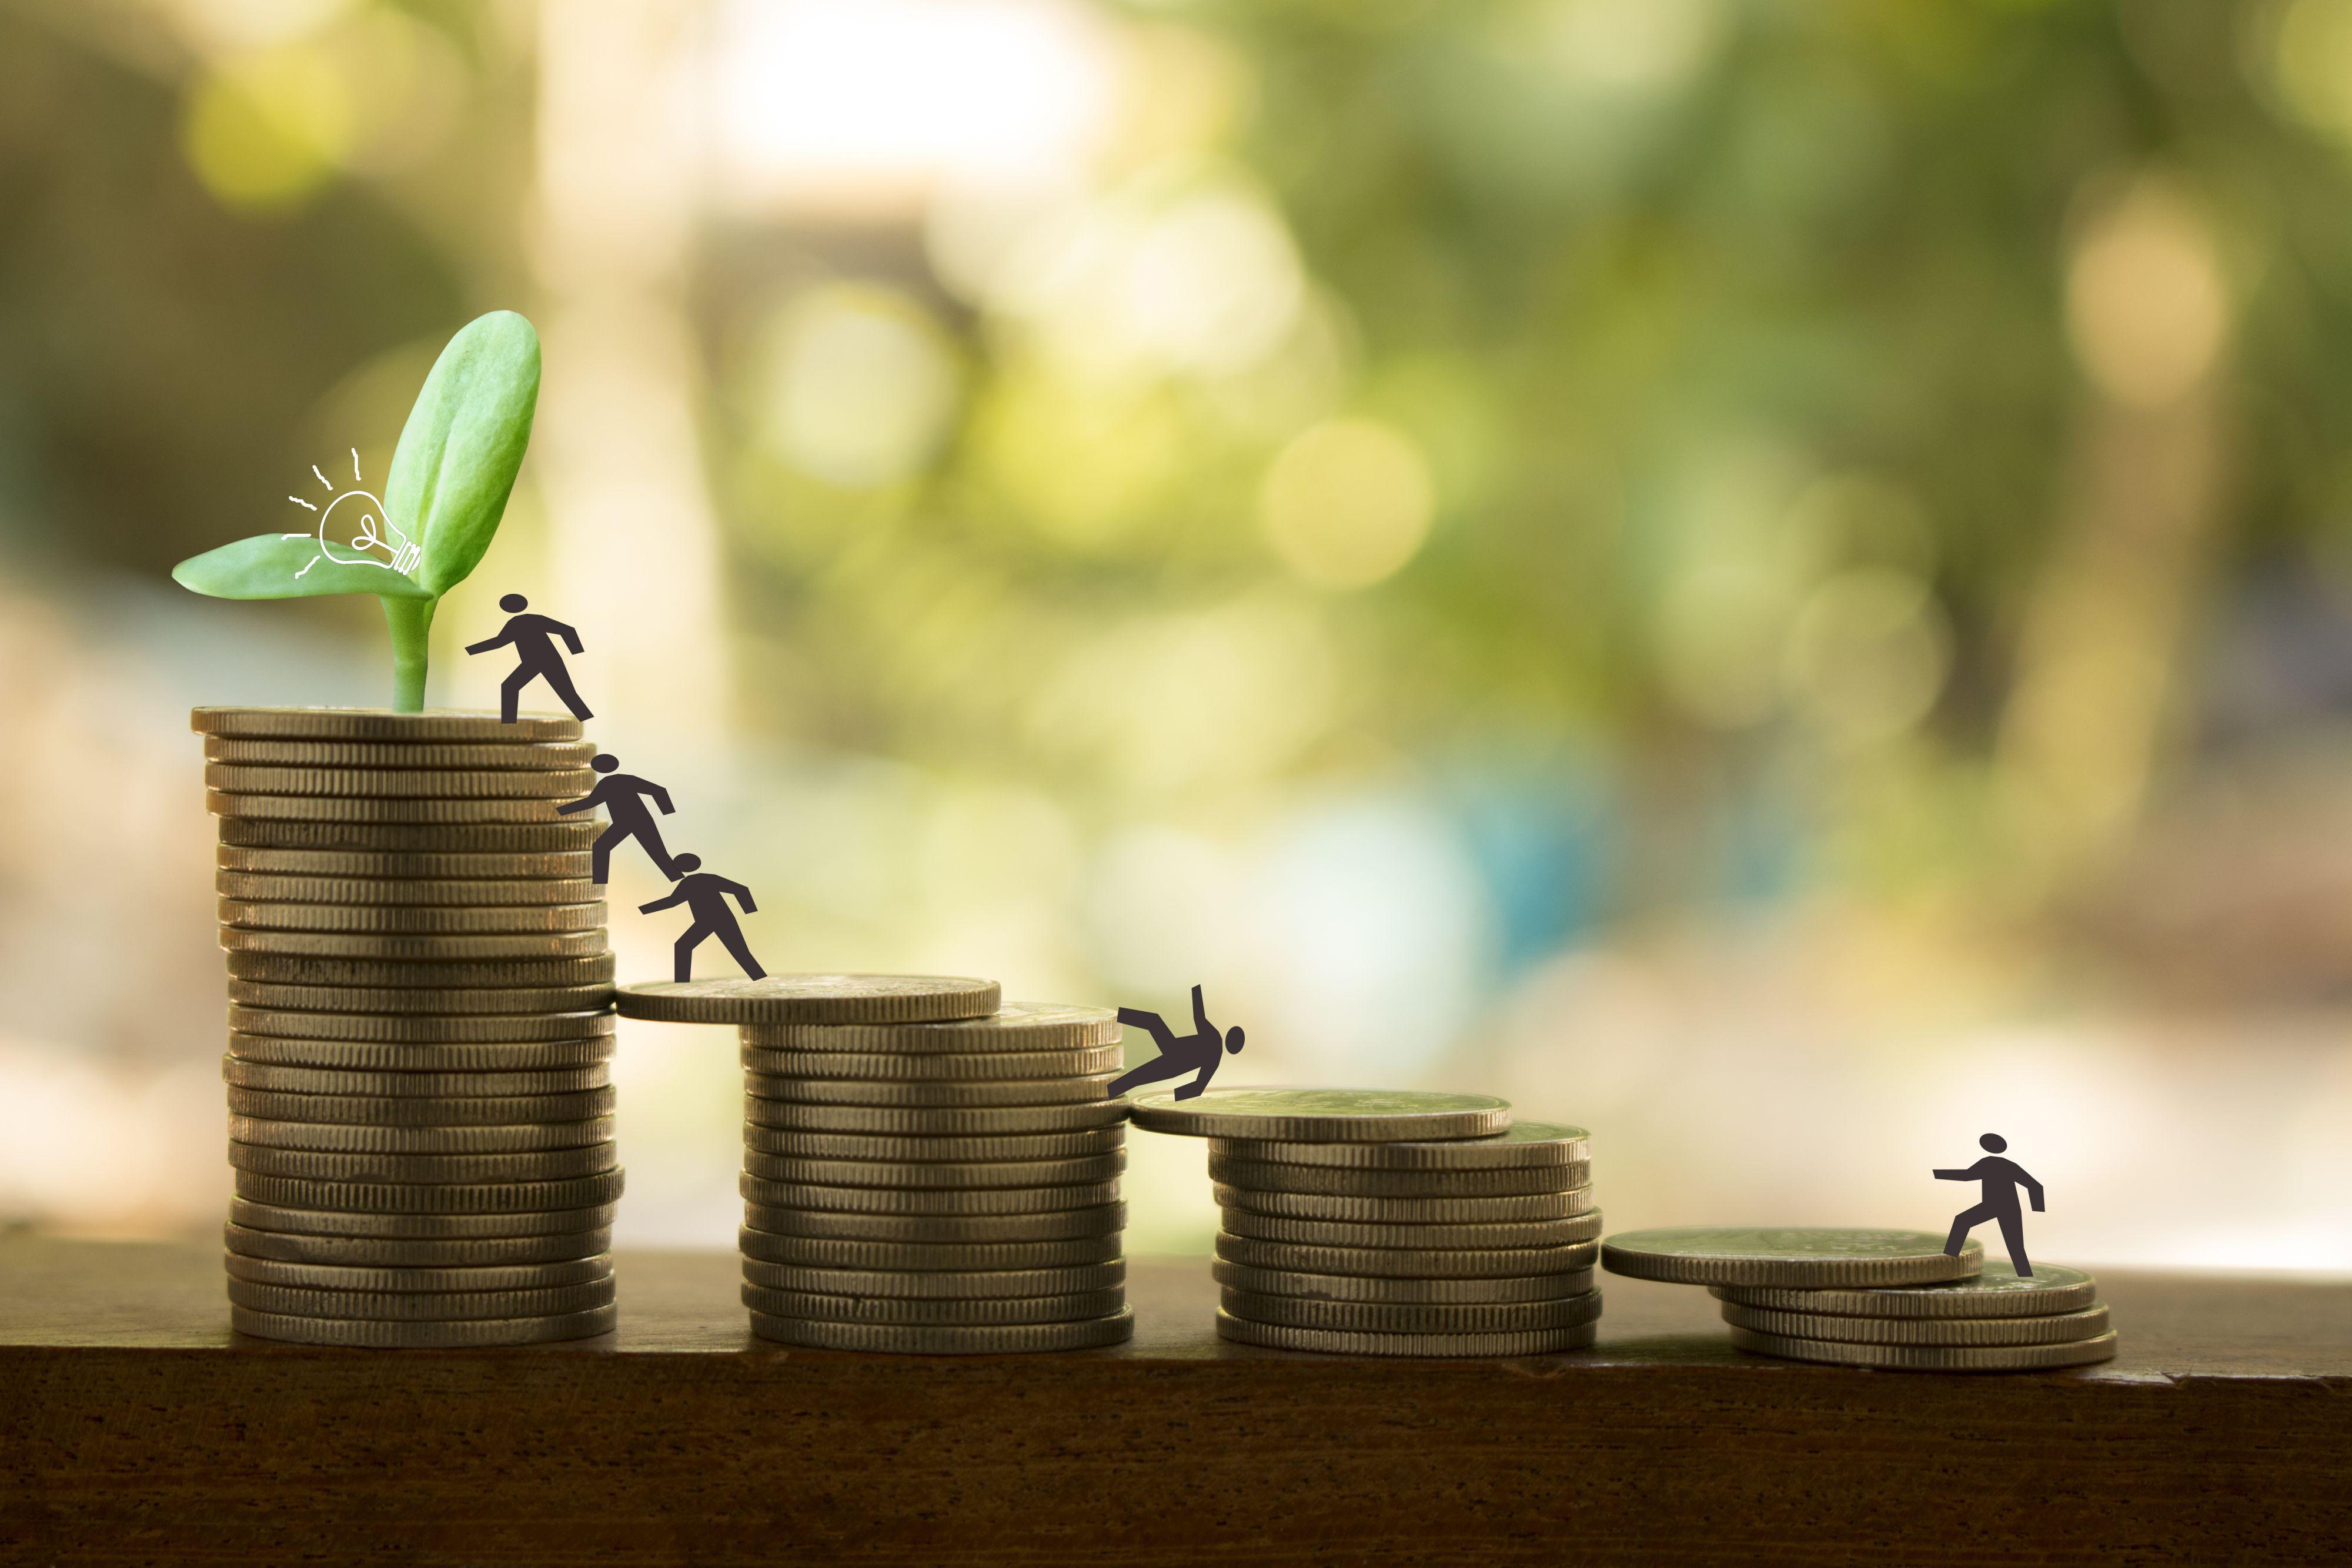 Większość organizacji pracodawców apelowała do rządu o zamrożenie w tym roku wzrostu płacy minimalnej (Fot. Shutterstock)